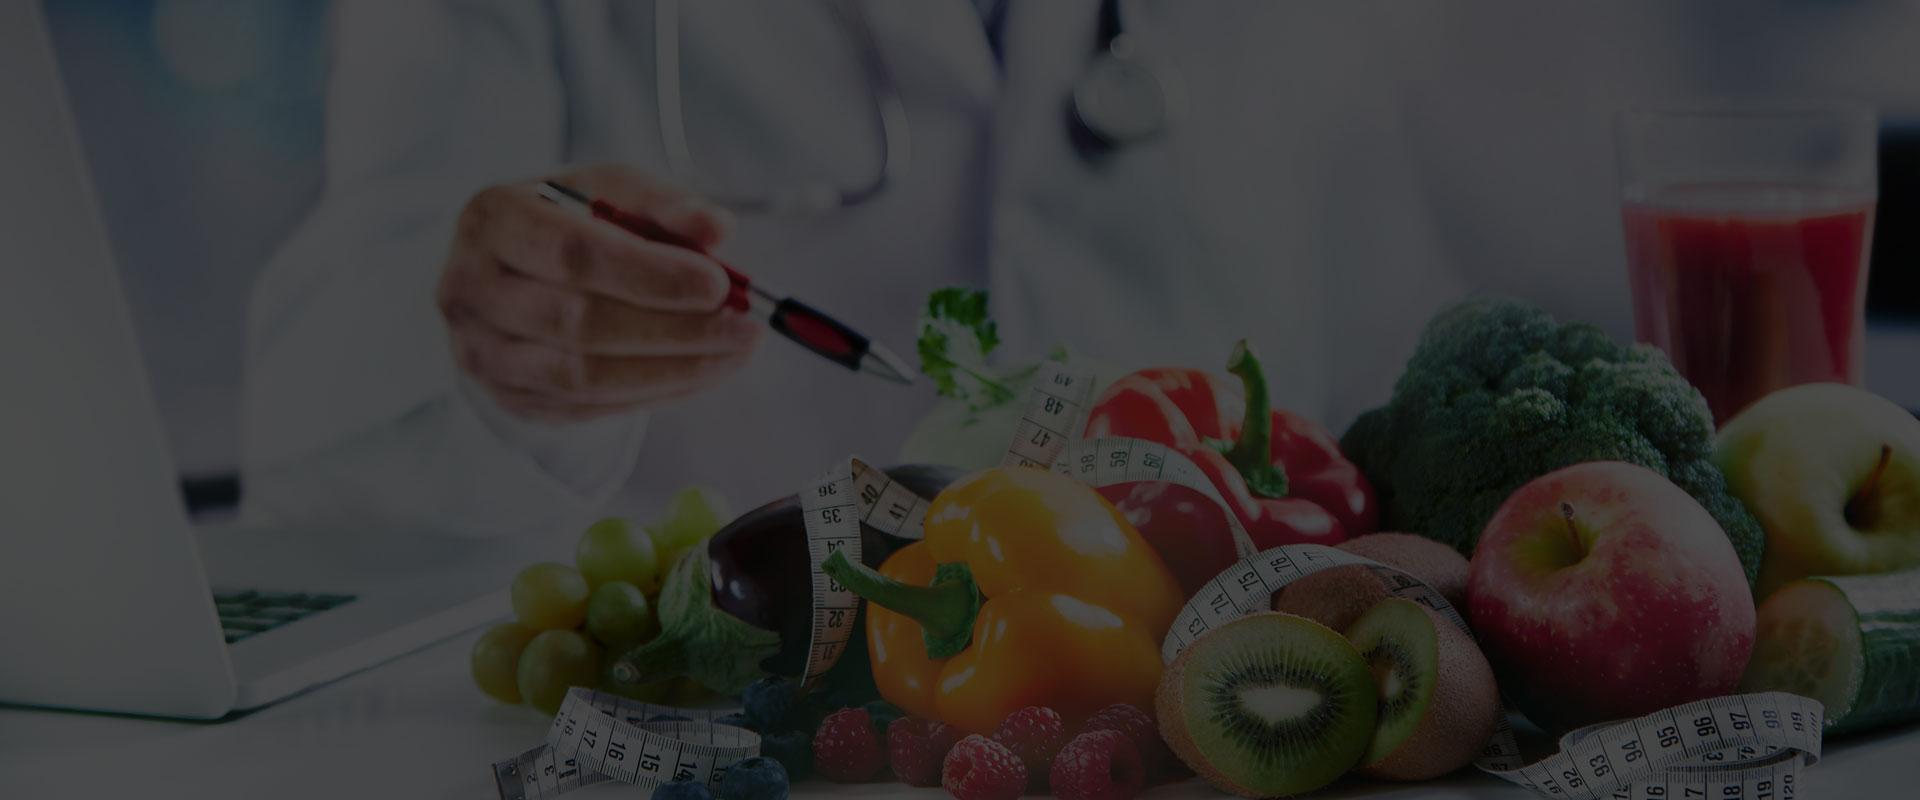 Traitement des maladies liées à l'obésité